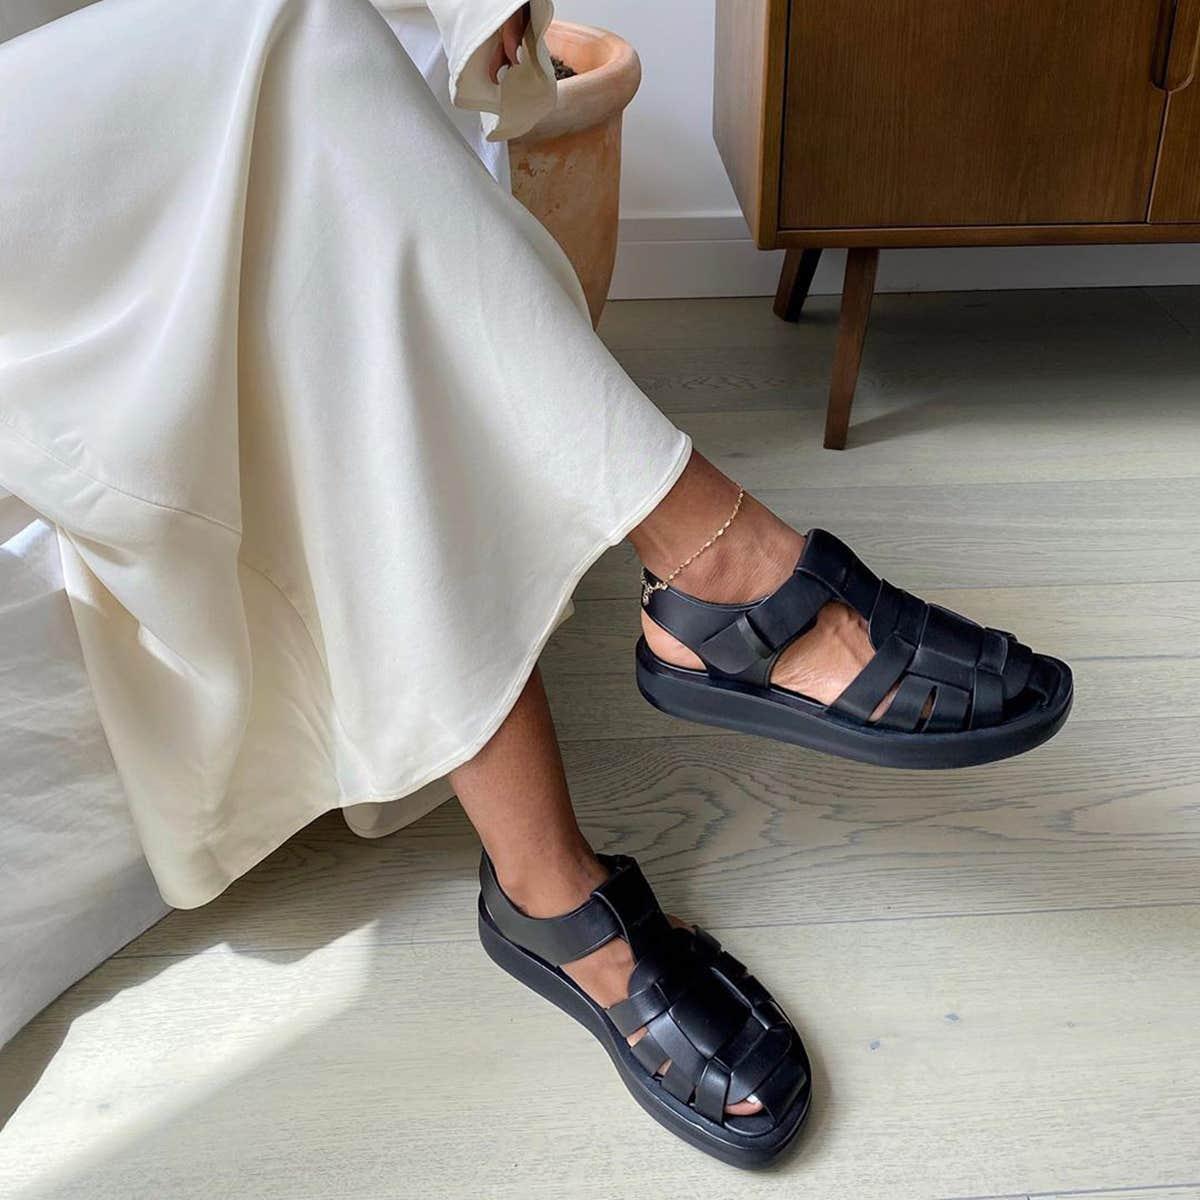 Một vài tiêu chí để lựa chọn được một đôi sandal rọ ưng ý